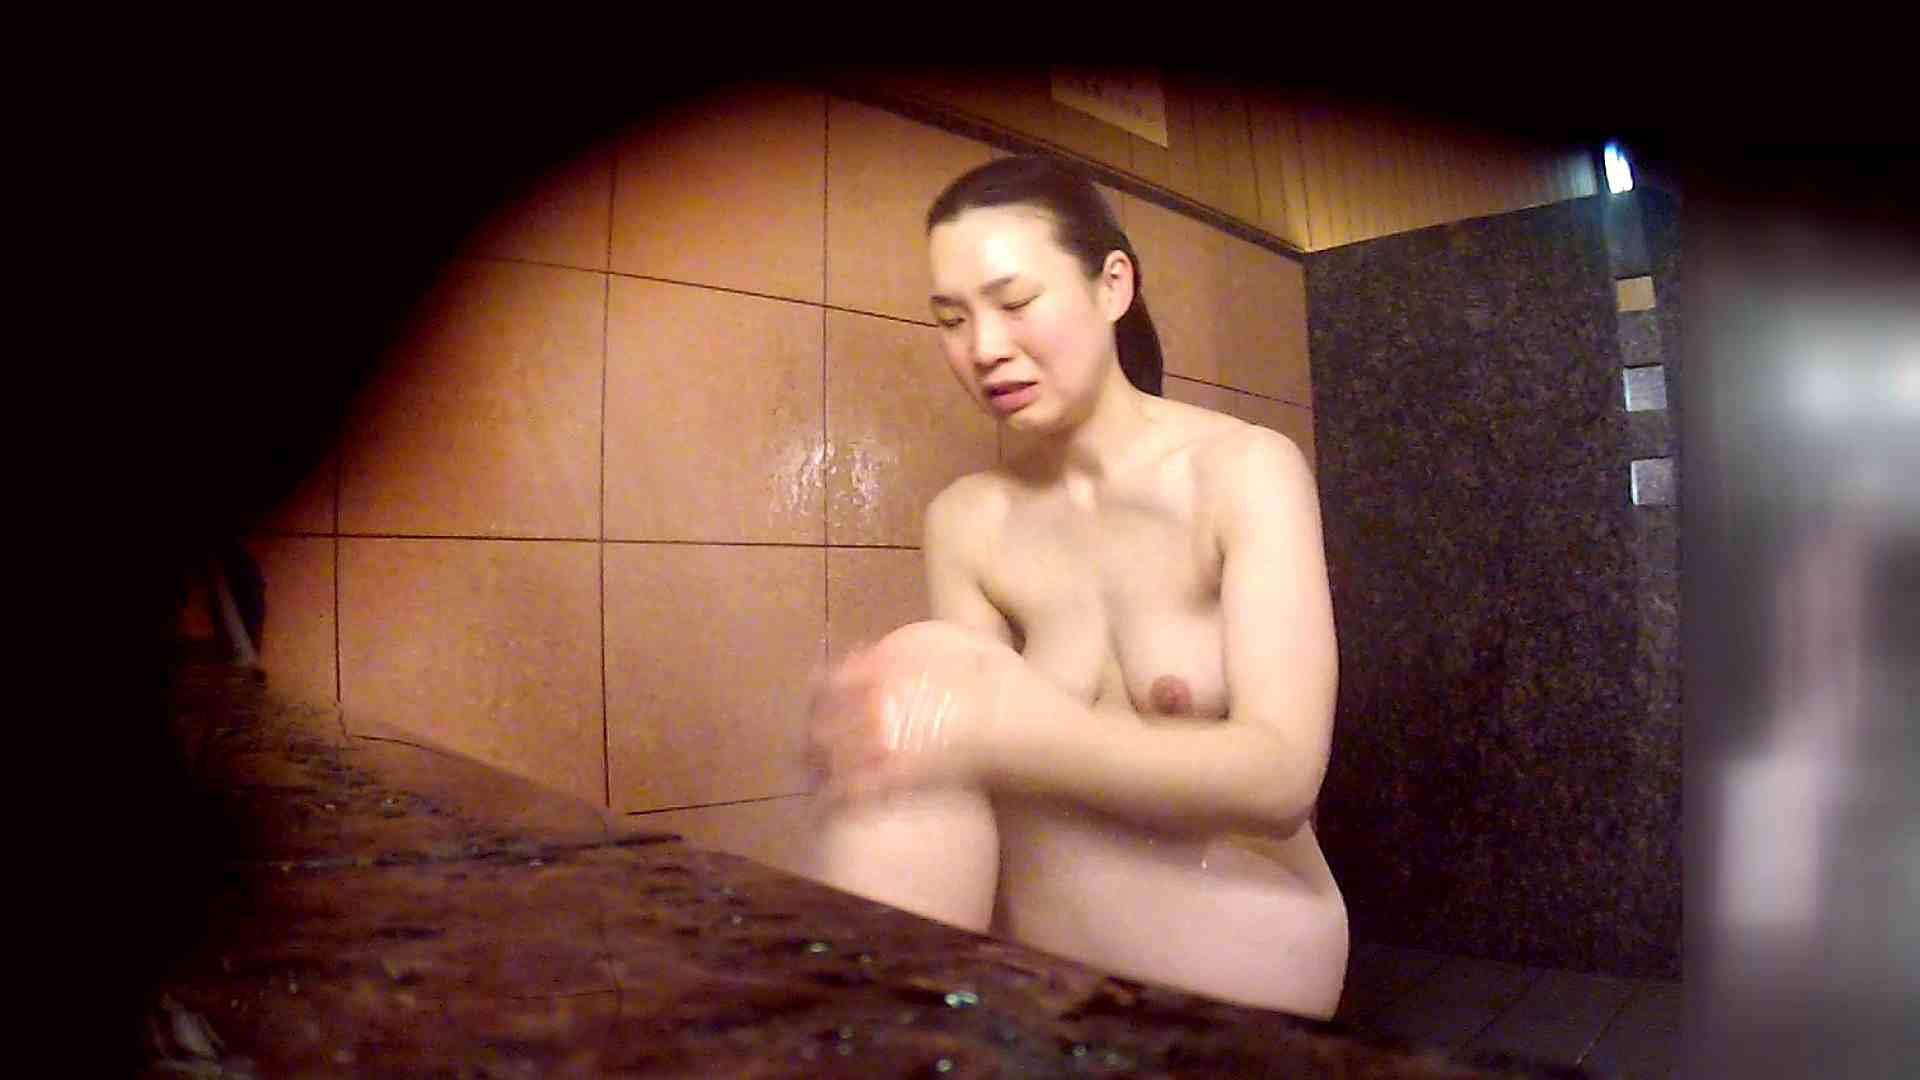 洗い場!マッスルお嬢さん!でもオッパイだけは柔らかそうです。 銭湯   潜入エロ調査  53連発 33